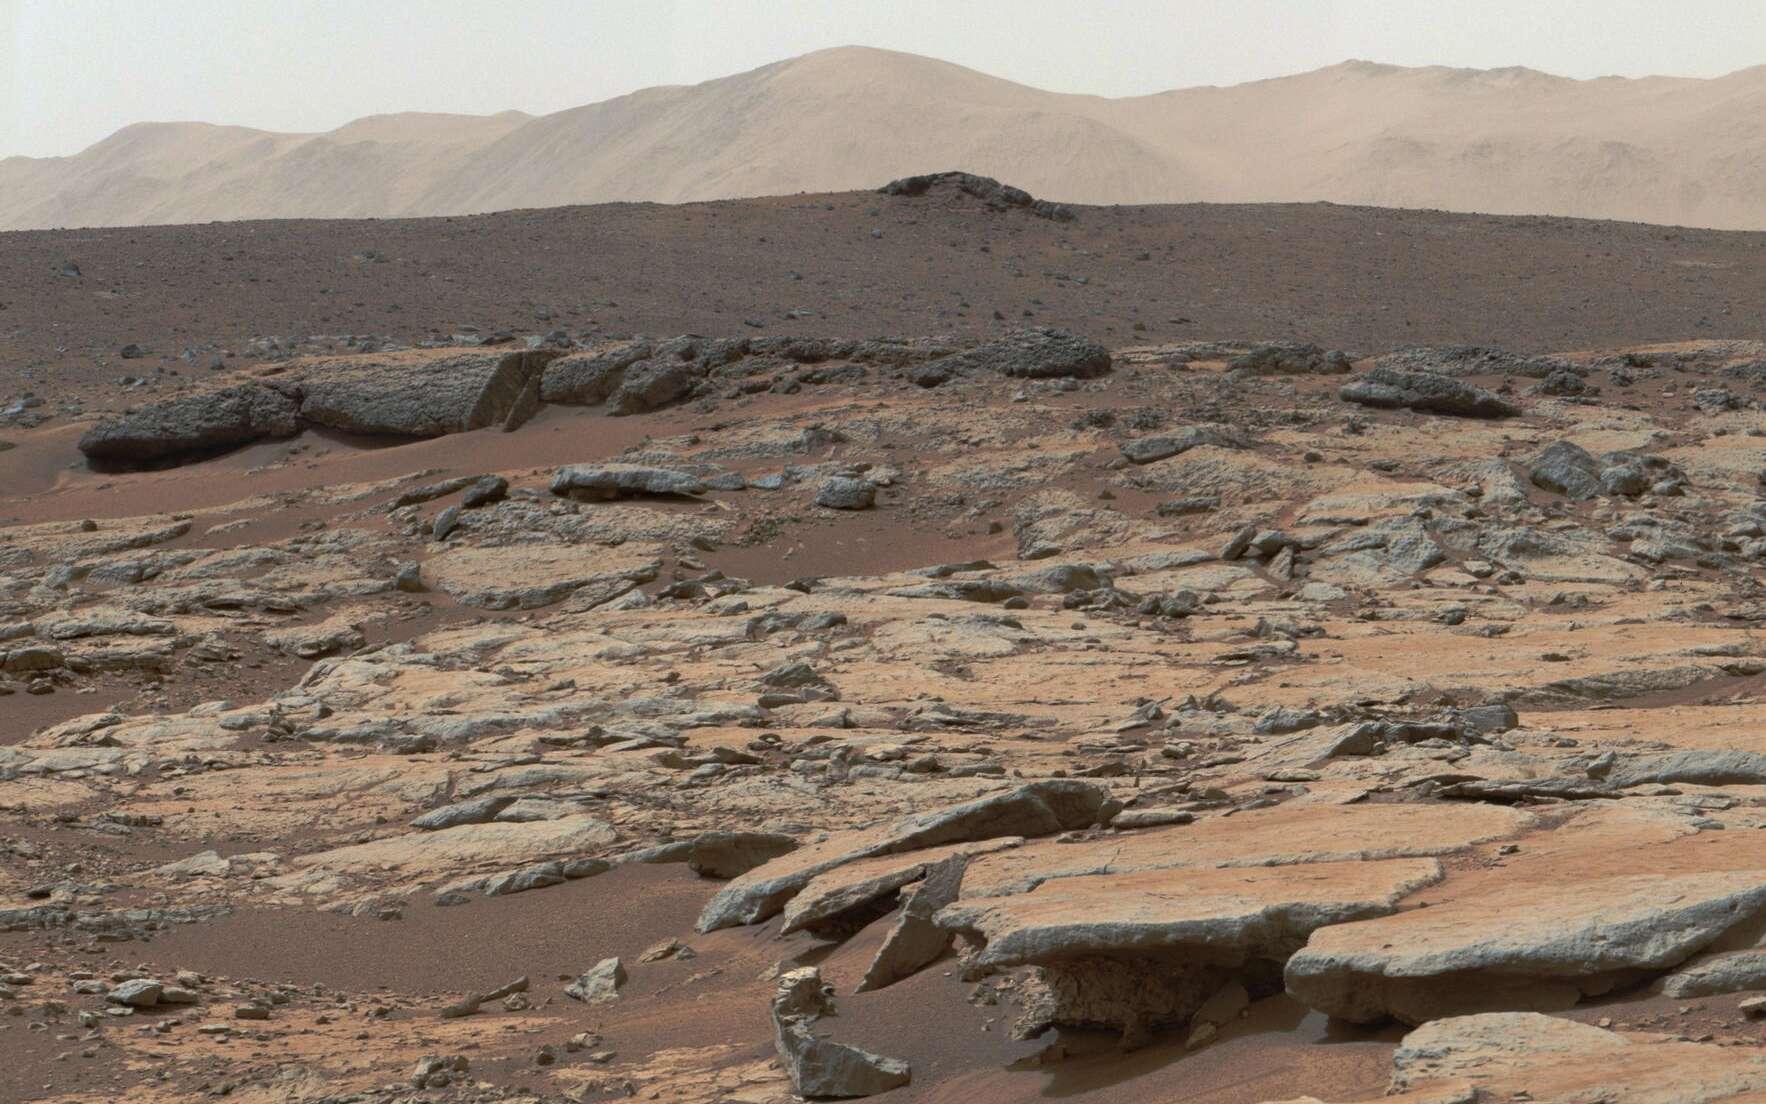 Cette mosaïque d'images de l'instrument Mast Camera (Mastcam), sur le rover Curiosity Mars de la Nasa, montre une série de dépôts sédimentaires dans la région de Glenelg du cratère Gale, d'un point de vue dans la baie de Yellowknife en regardant vers l'ouest-nord-ouest. Mastcam a pris les images de cette mosaïque lors du 188e jour martien de Curiosity sur Mars (14 février 2013). L'image a été équilibrée en blanc pour montrer à quoi ressembleraient les roches s'il y en avait sur Terre. © Nasa, JPL-Caltech, MSSS